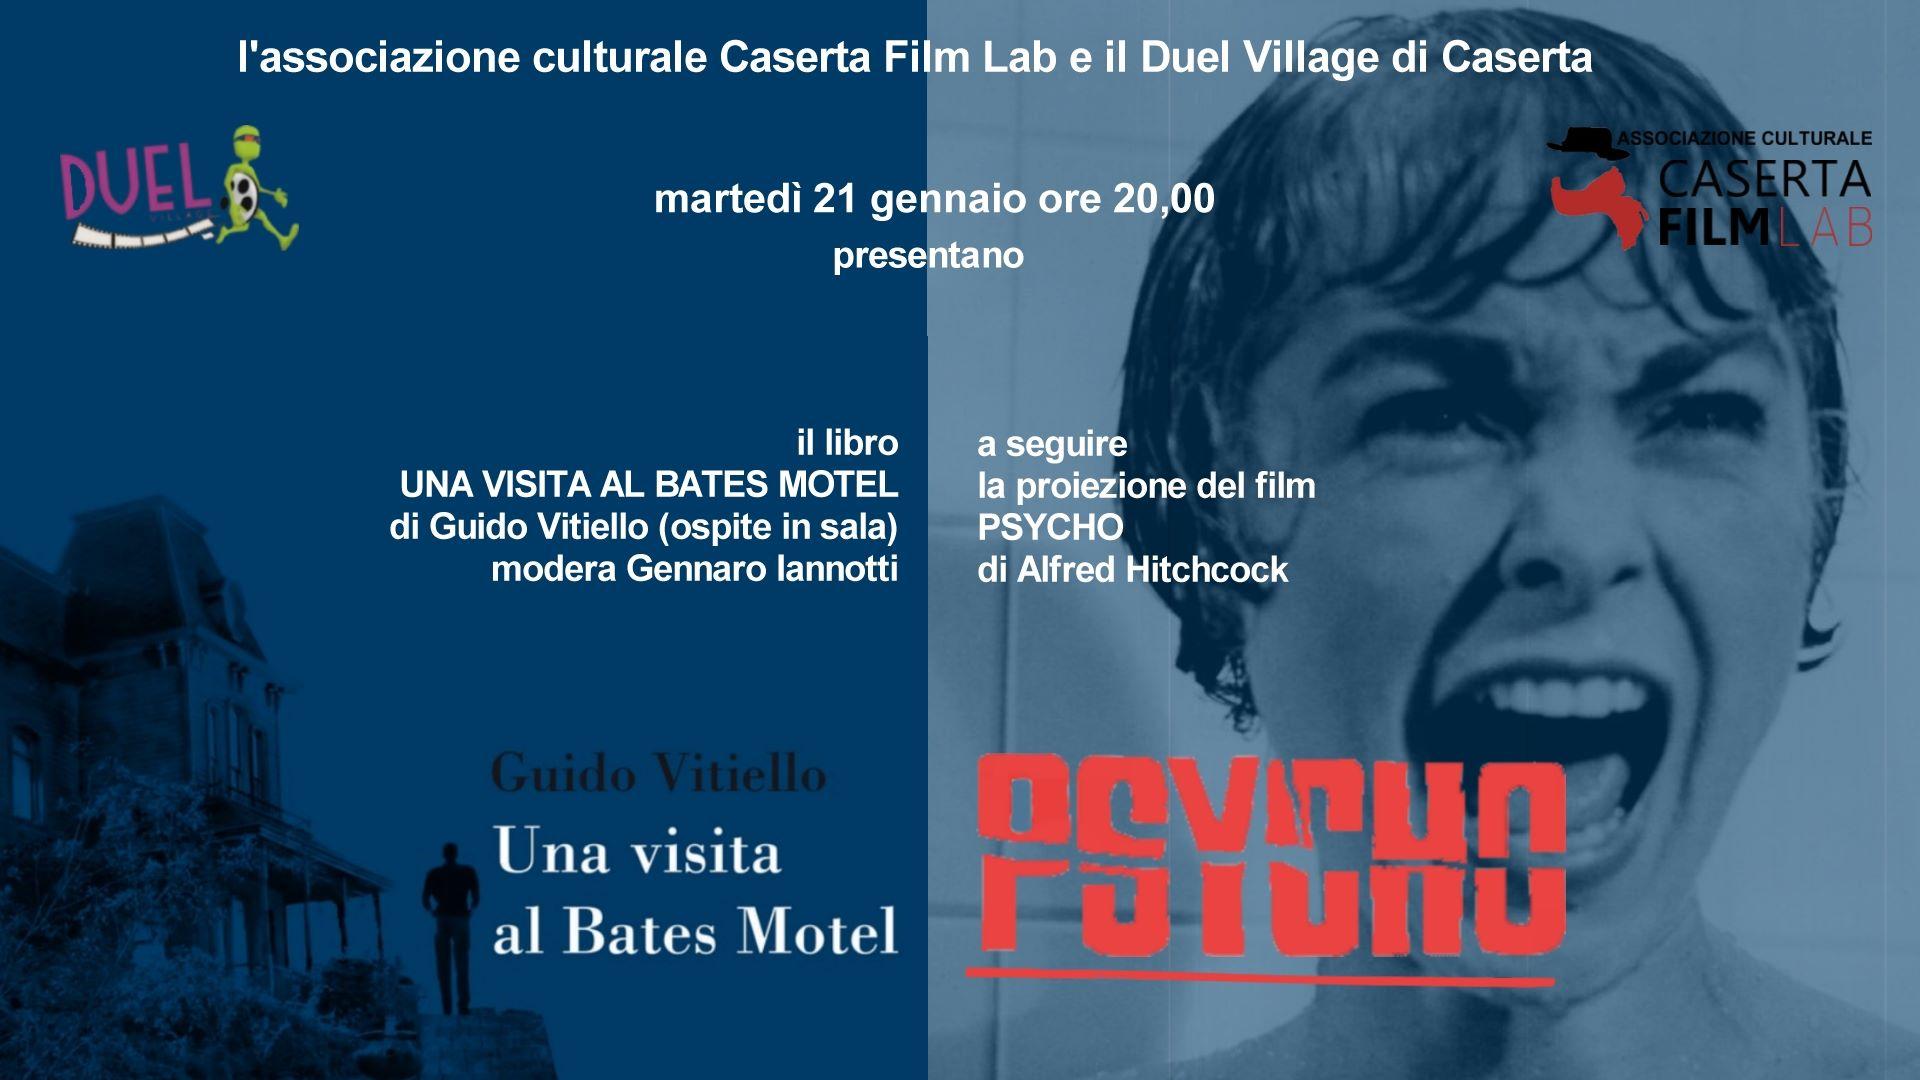 60 anni di Psycho: le celebrazioni al Duel Village di Caserta